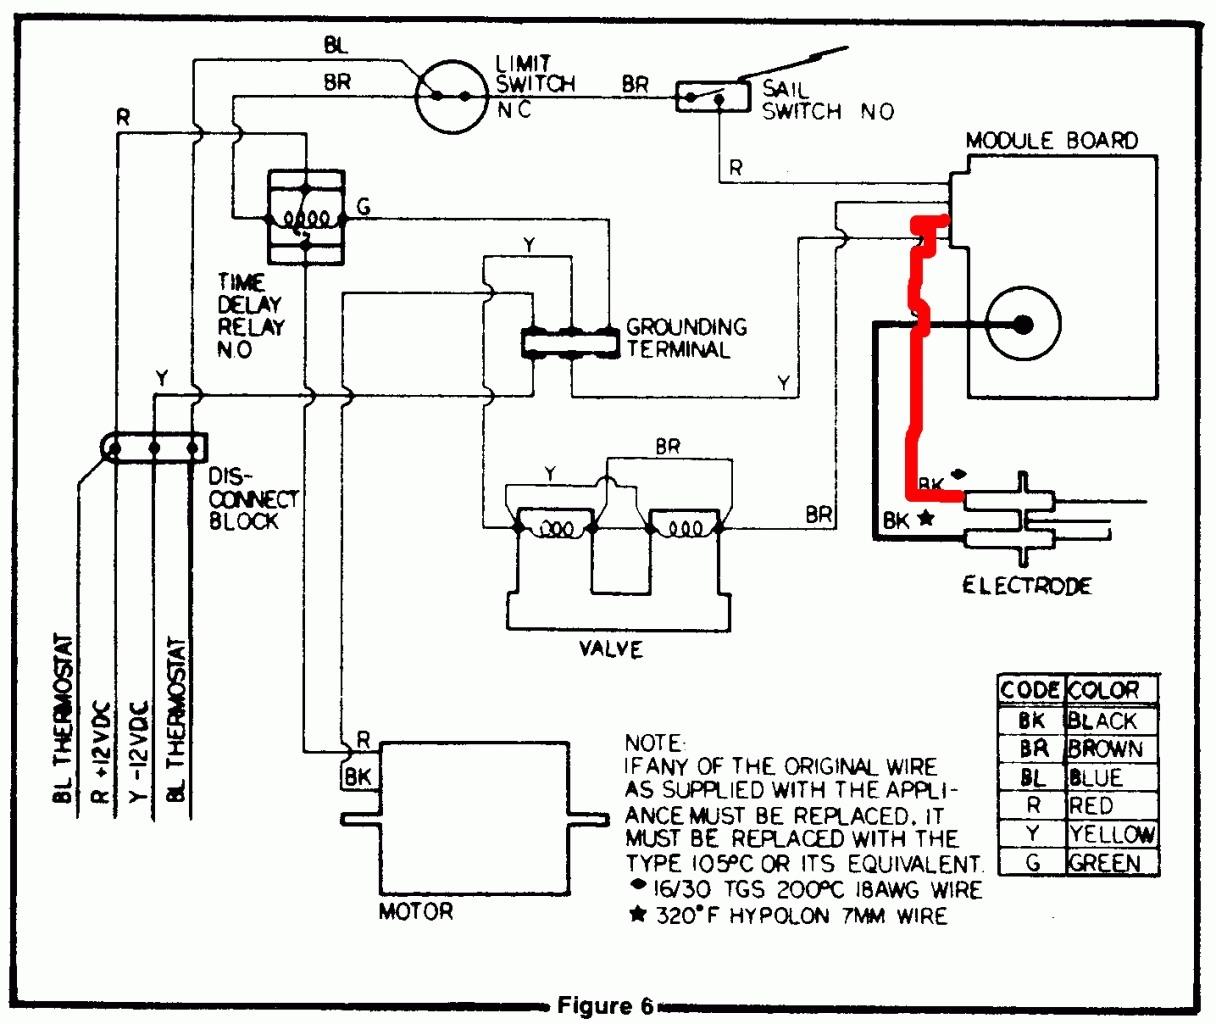 rheem furnace wiring diagram schematics code wiring diagramold furnace  wiring diagram dayton schematic diagramrv heater wiring